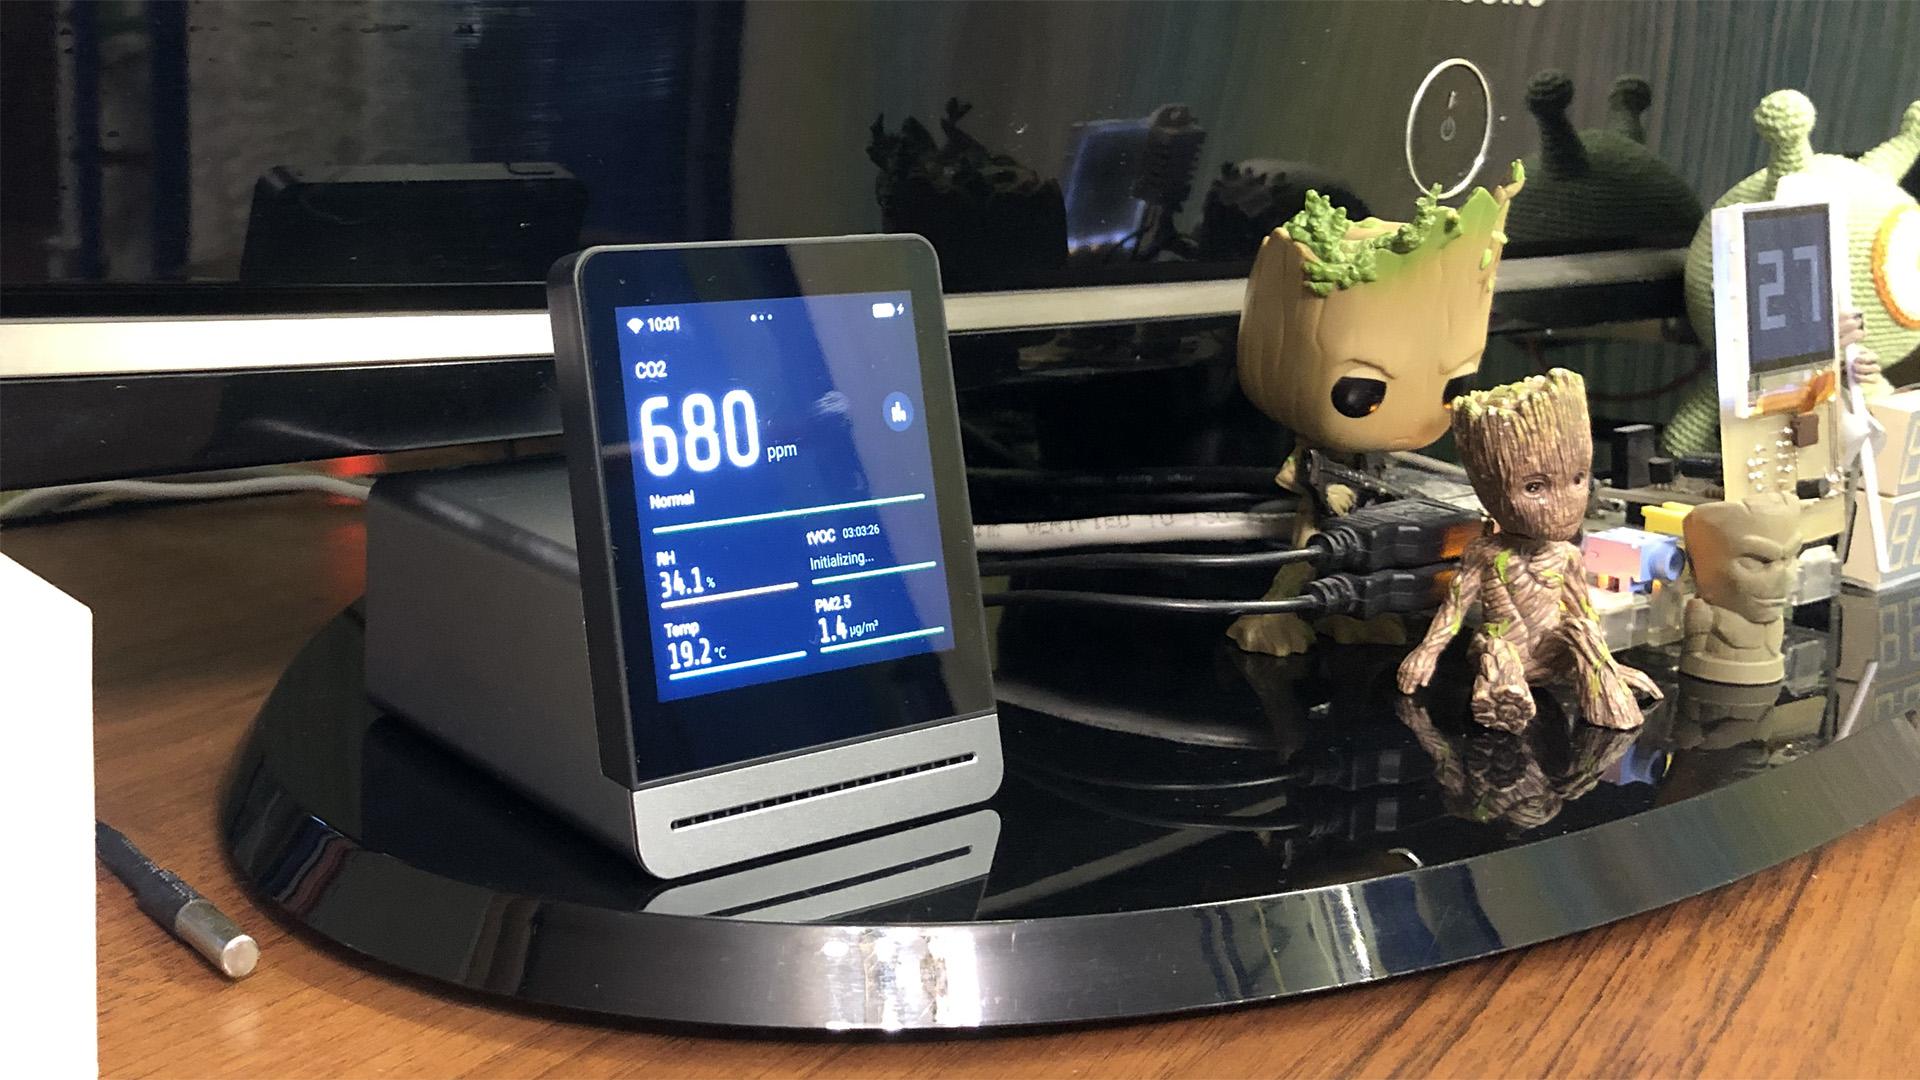 Работаем с датчиком CO₂ Xiaomi ClearGrass Air Detector локально, без китайских серверов